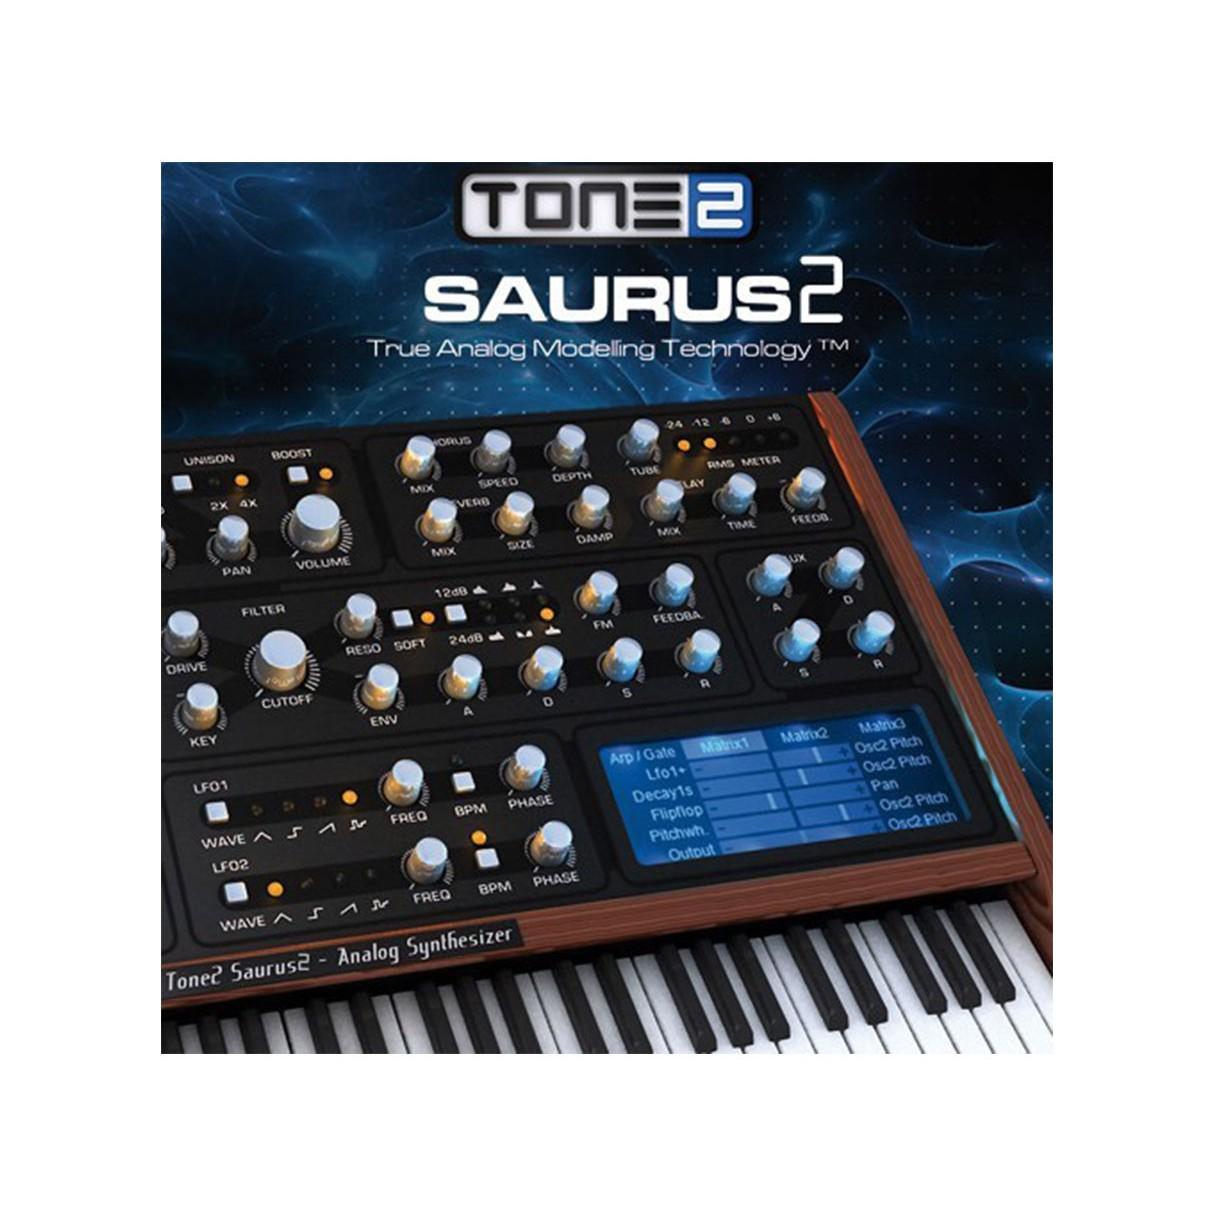 Tone 2 Saurus 2 Affordable Virtual analog synthesizer